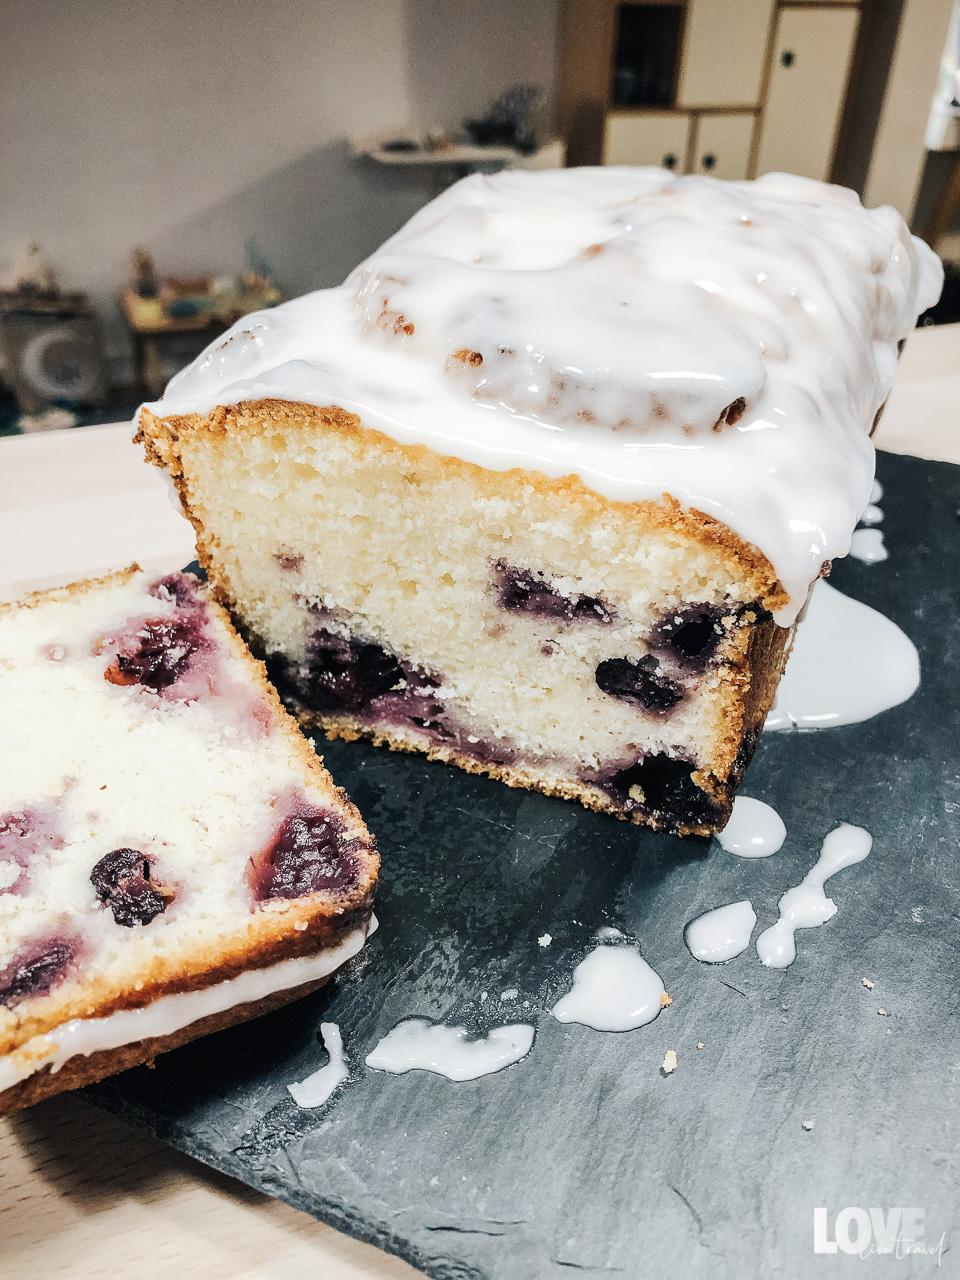 Recette du cake au citron et myrtilles blog voyage et lifestyle lovelivetravel